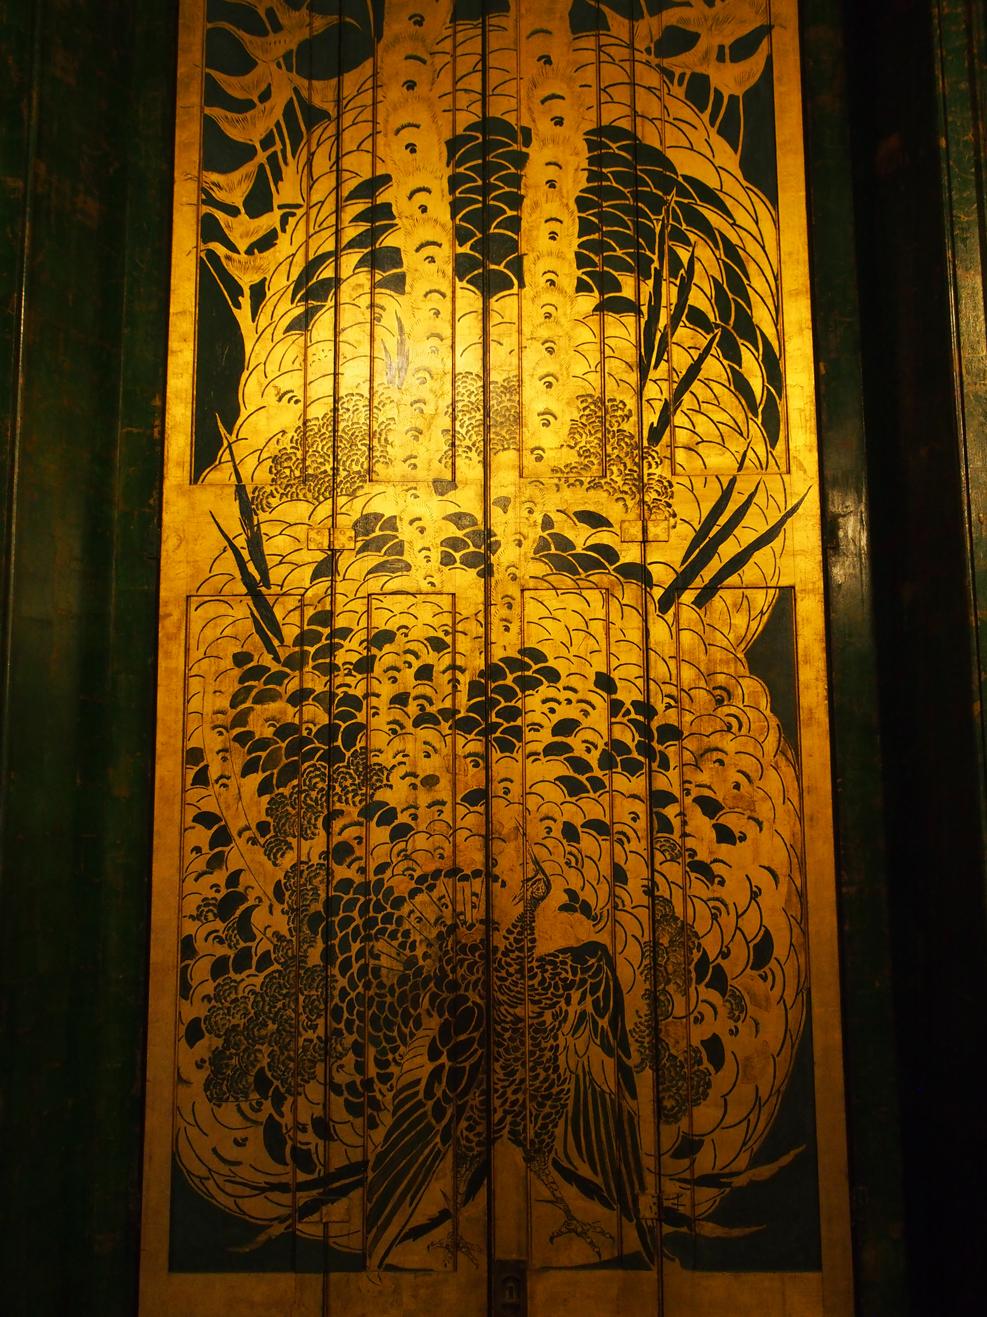 Peacock room_01.jpg